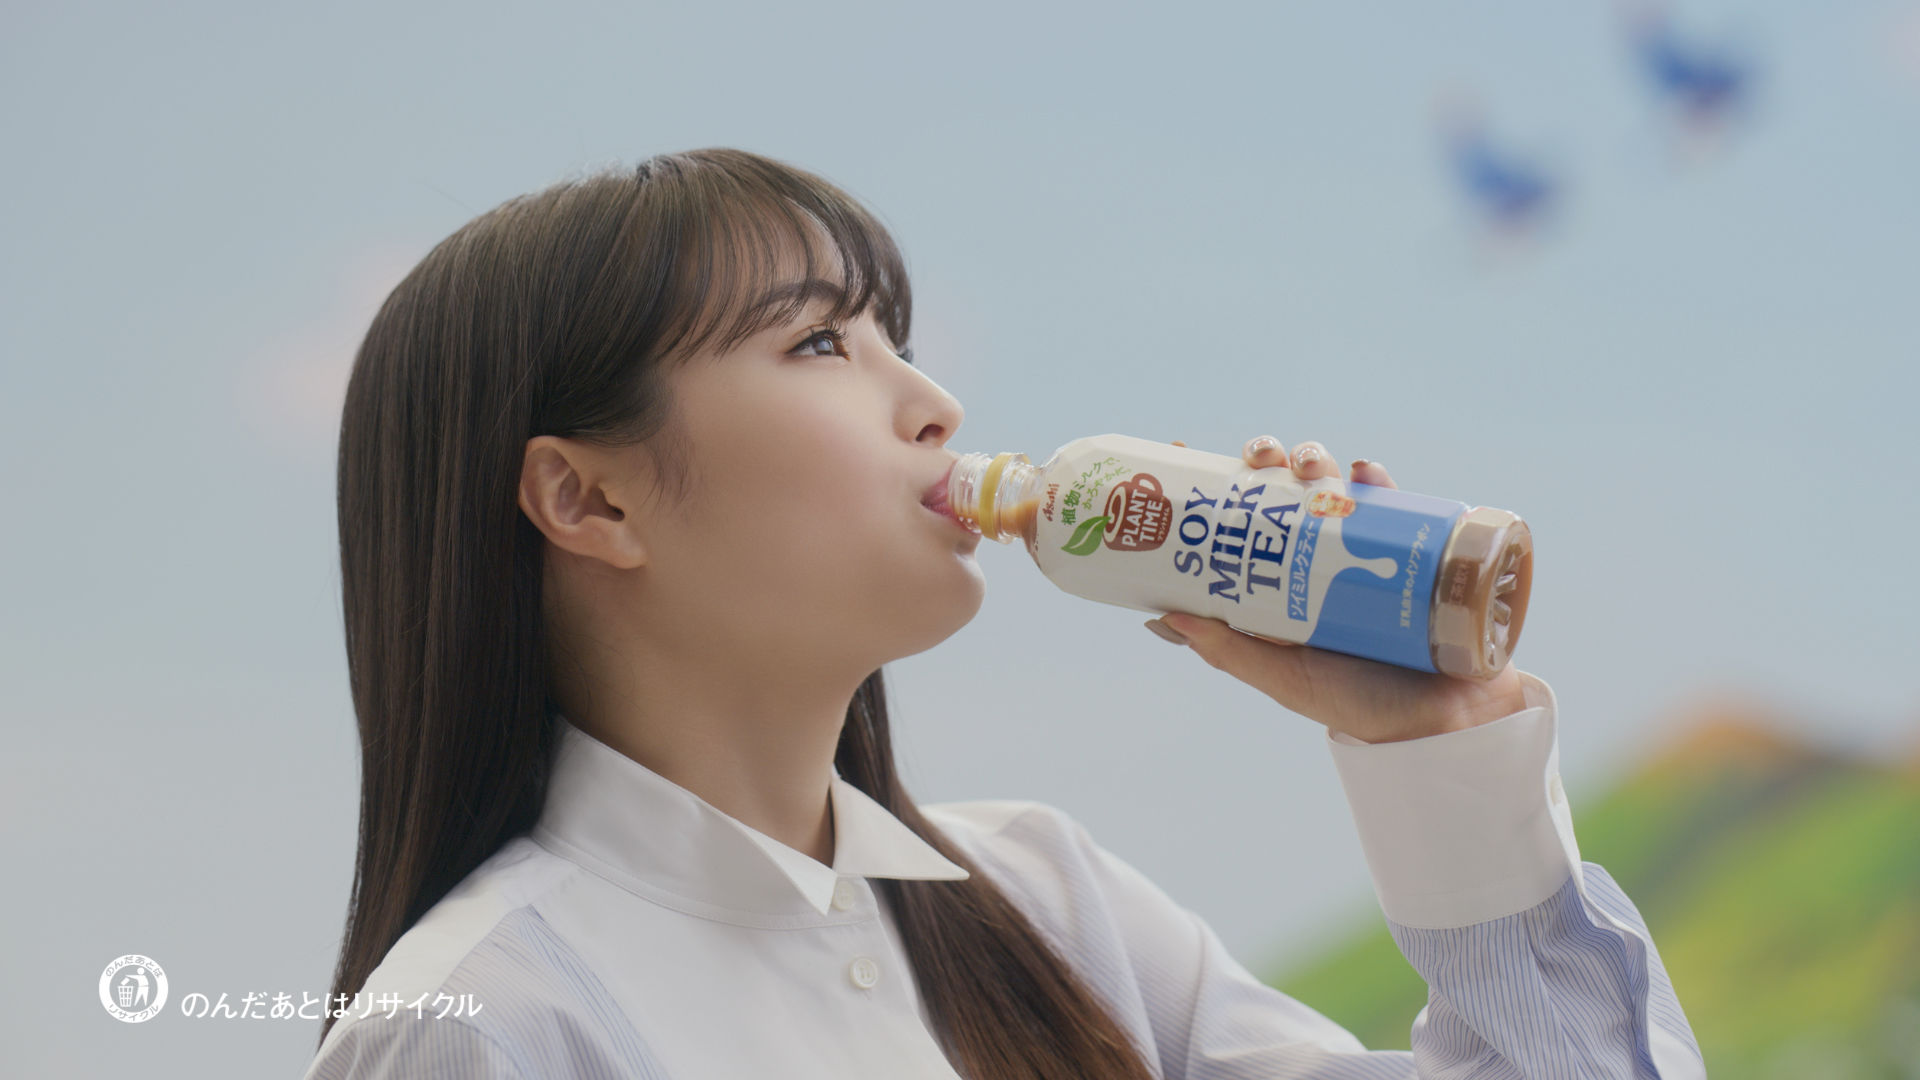 広瀬すずアサヒ飲料「『PLANT TIME』ソイミルクティー」新テレビCM